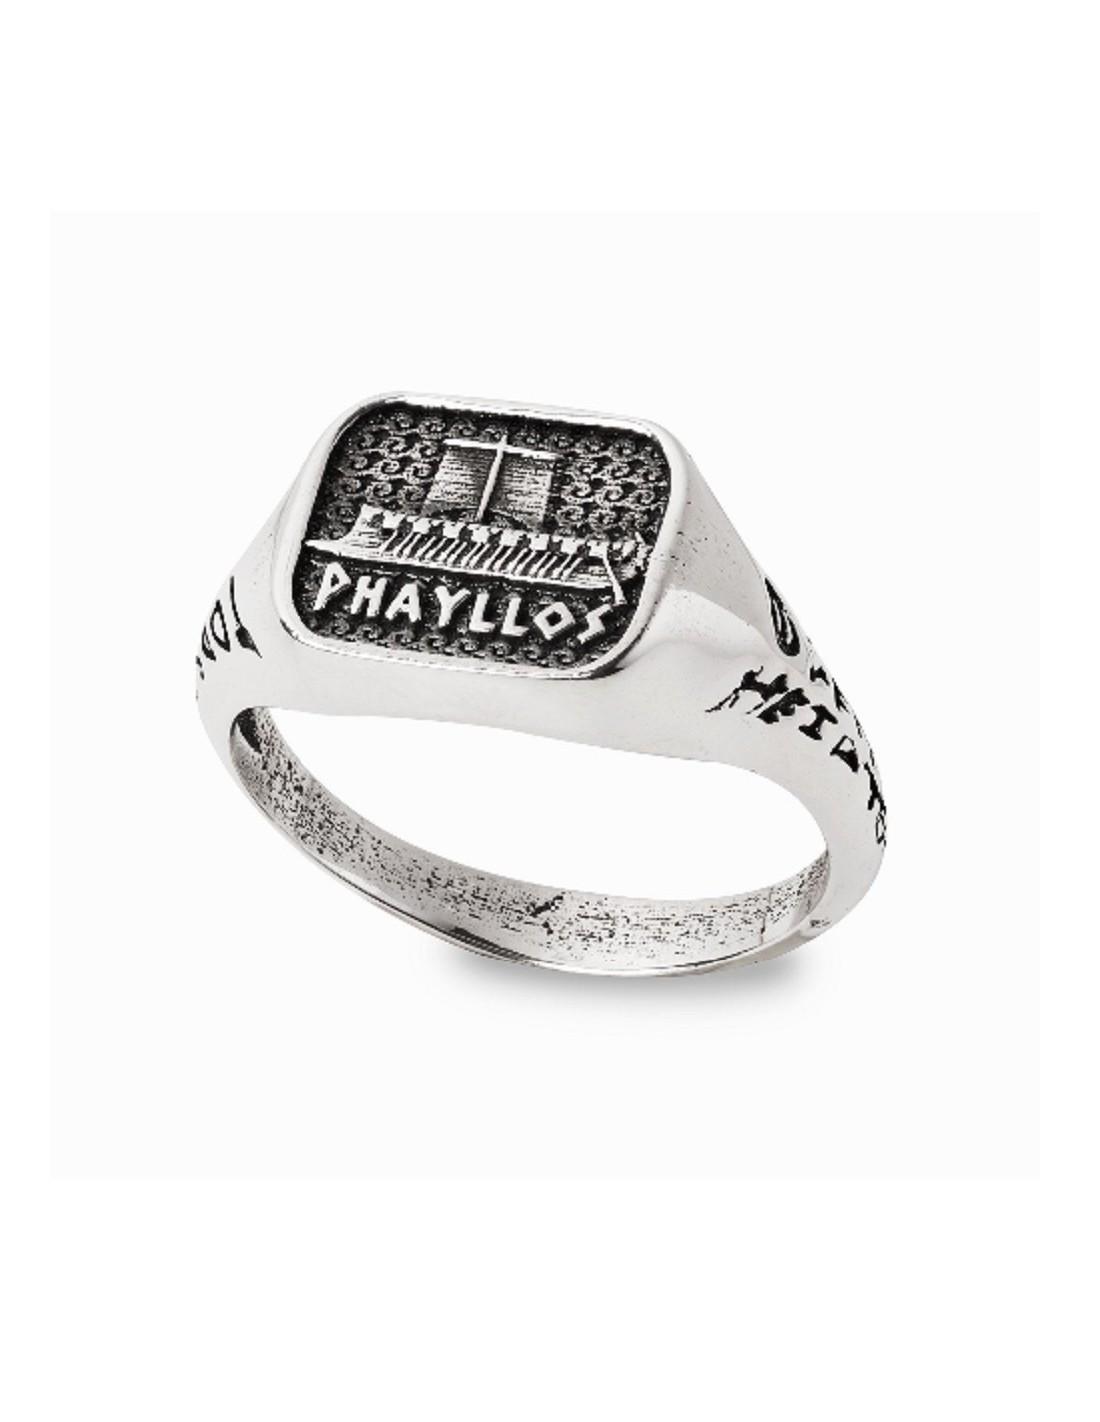 migliore vendita vendita usa online molti alla moda Anello da uomo gioielli Gerardo Sacco in argento Phayllos con trireme 27870